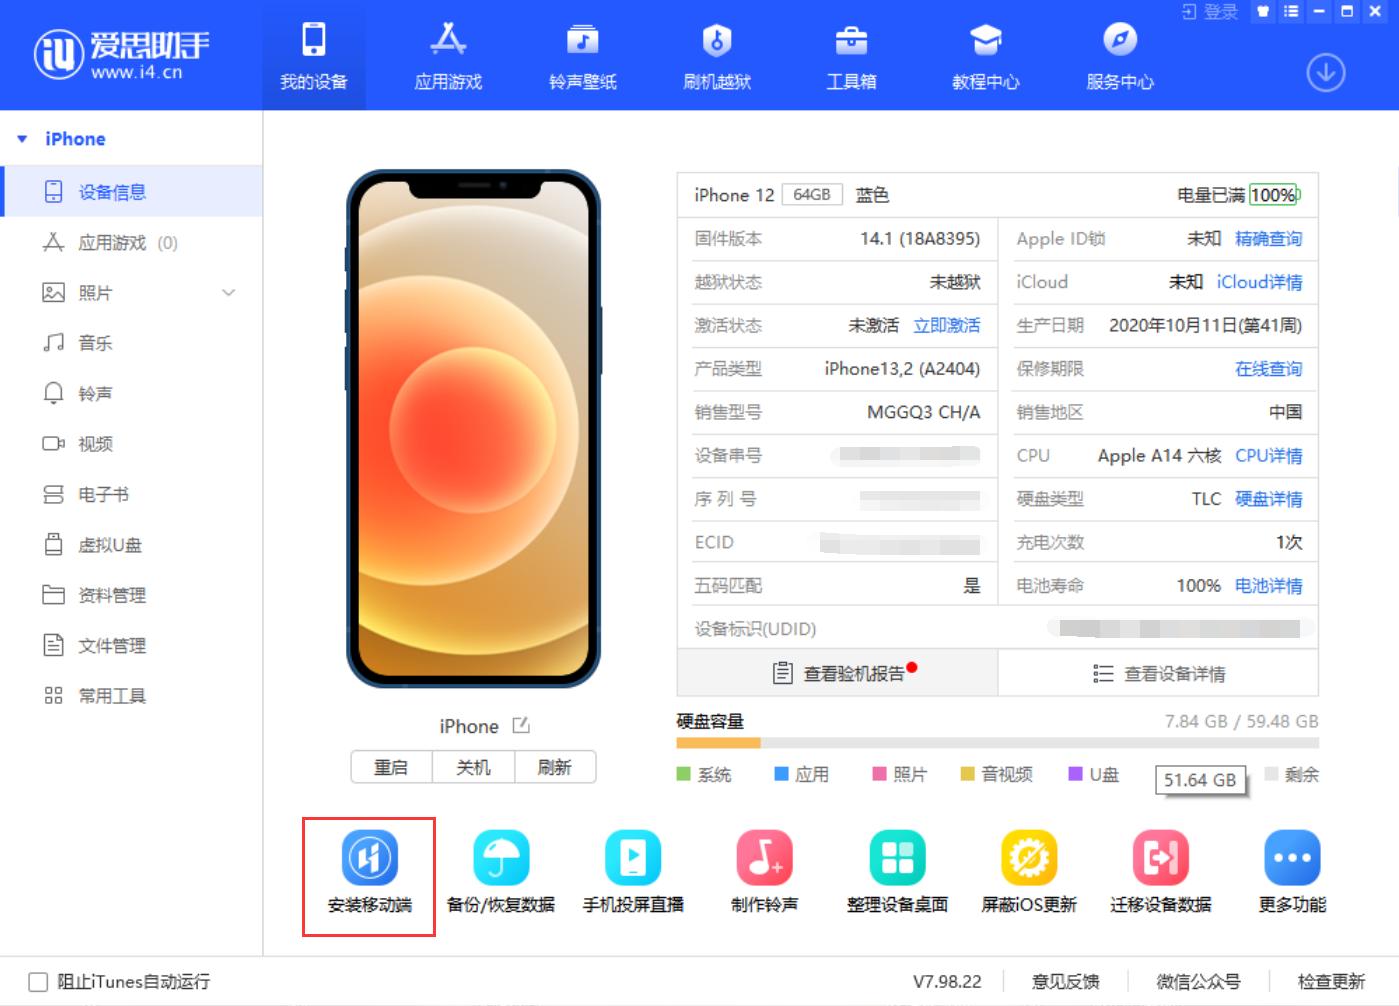 手机资讯:爱思助手已支持 iPhone 12:如何安装移动版